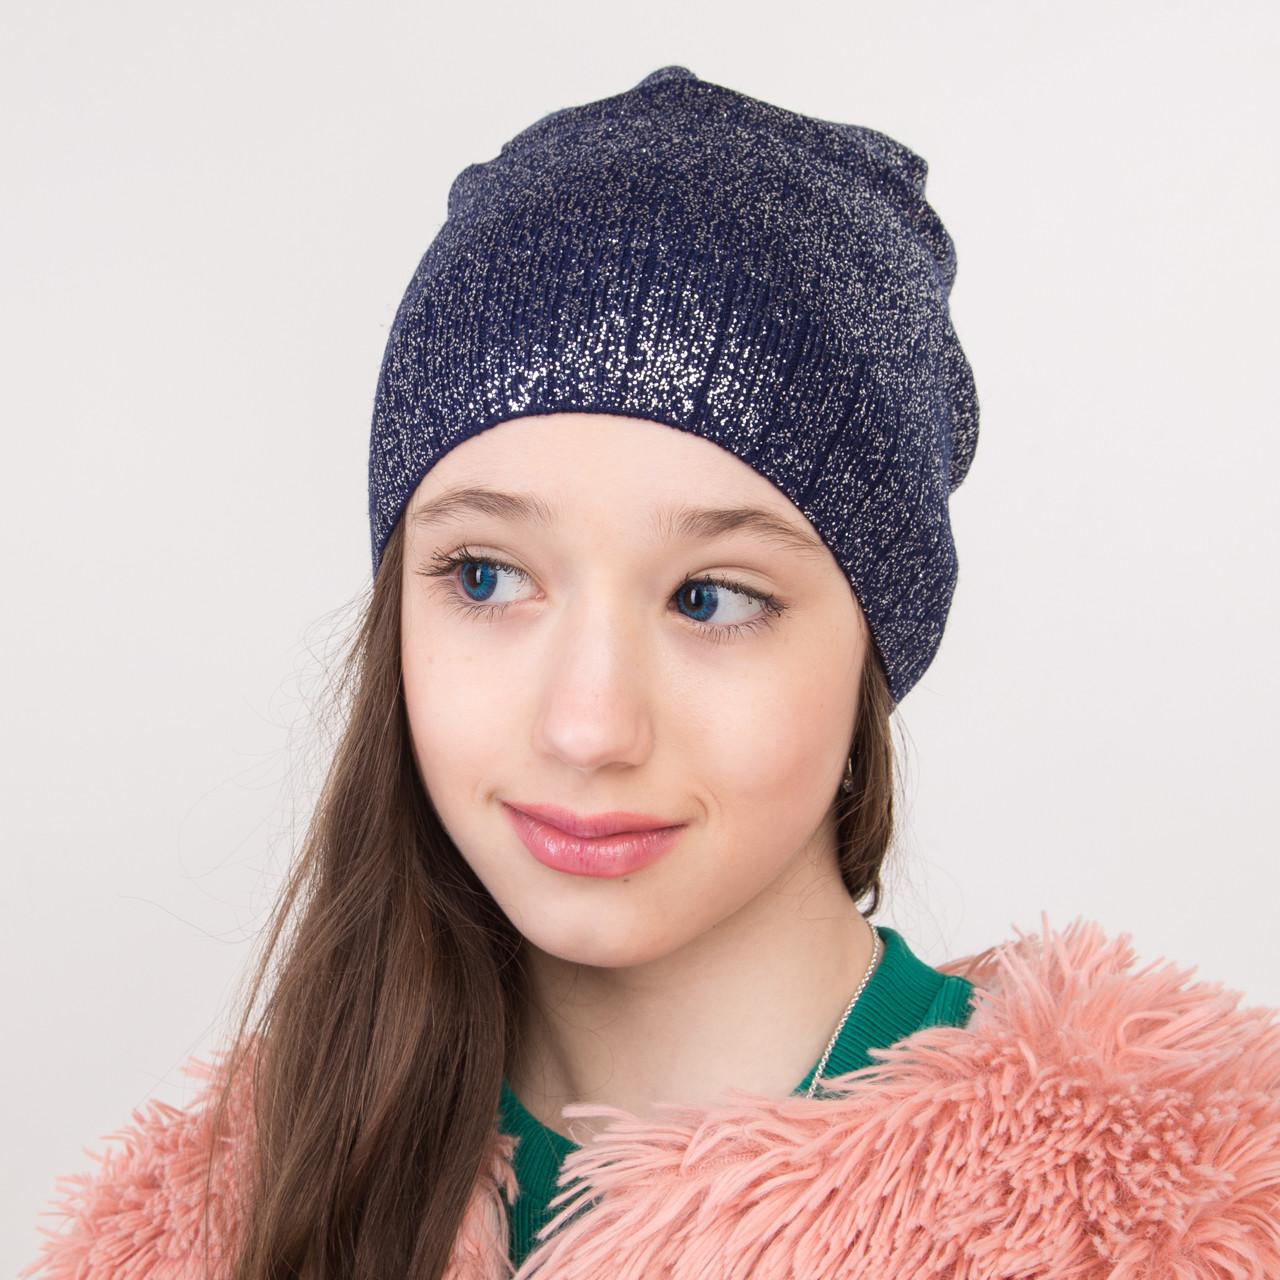 Весенняя вязаная шапка для девочки оптом - Артикул 2275